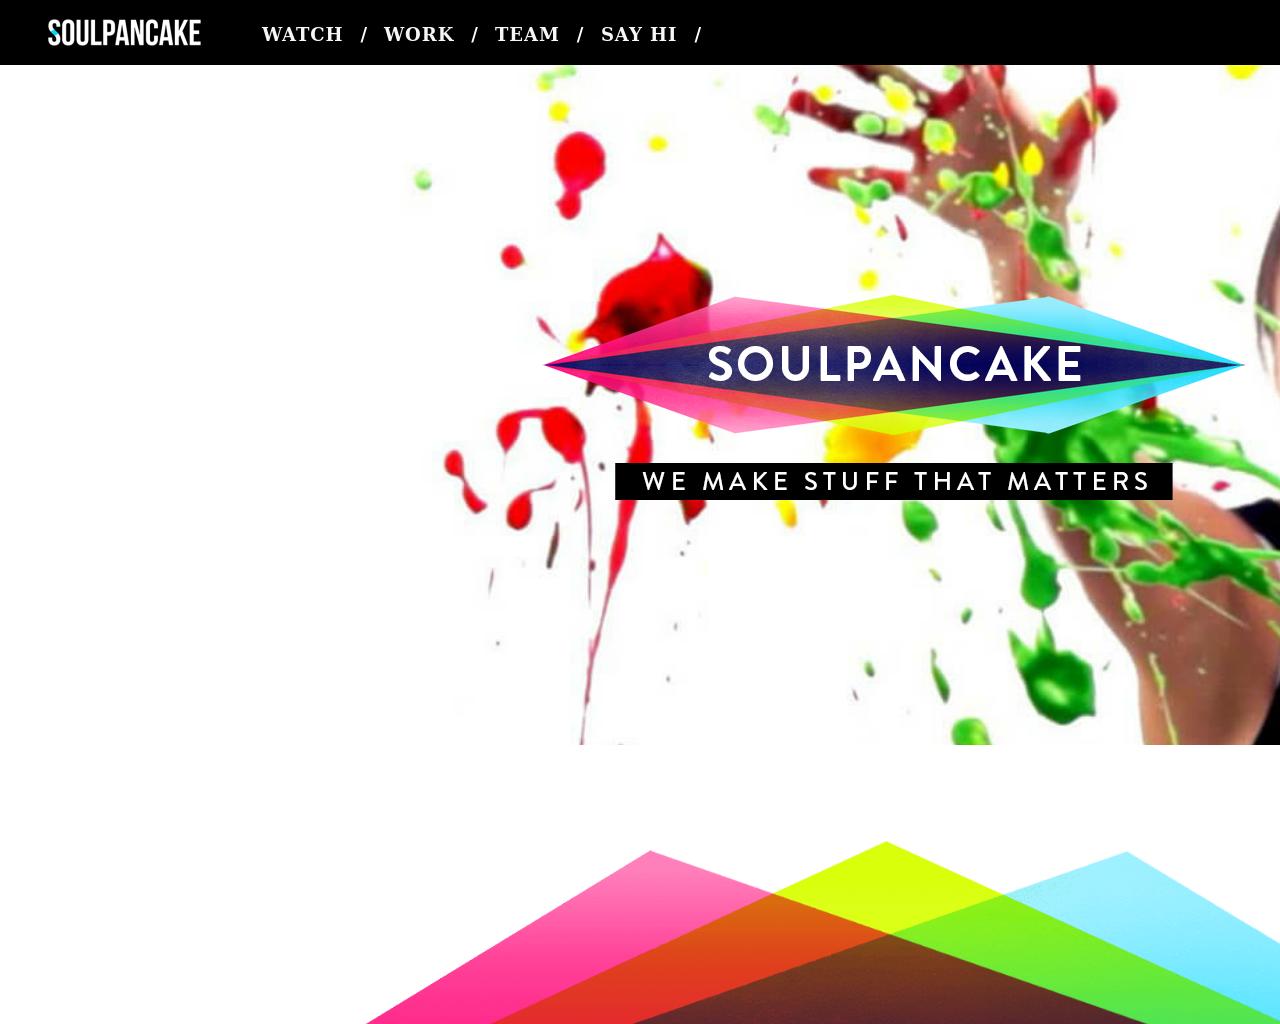 SoulPancake-Advertising-Reviews-Pricing